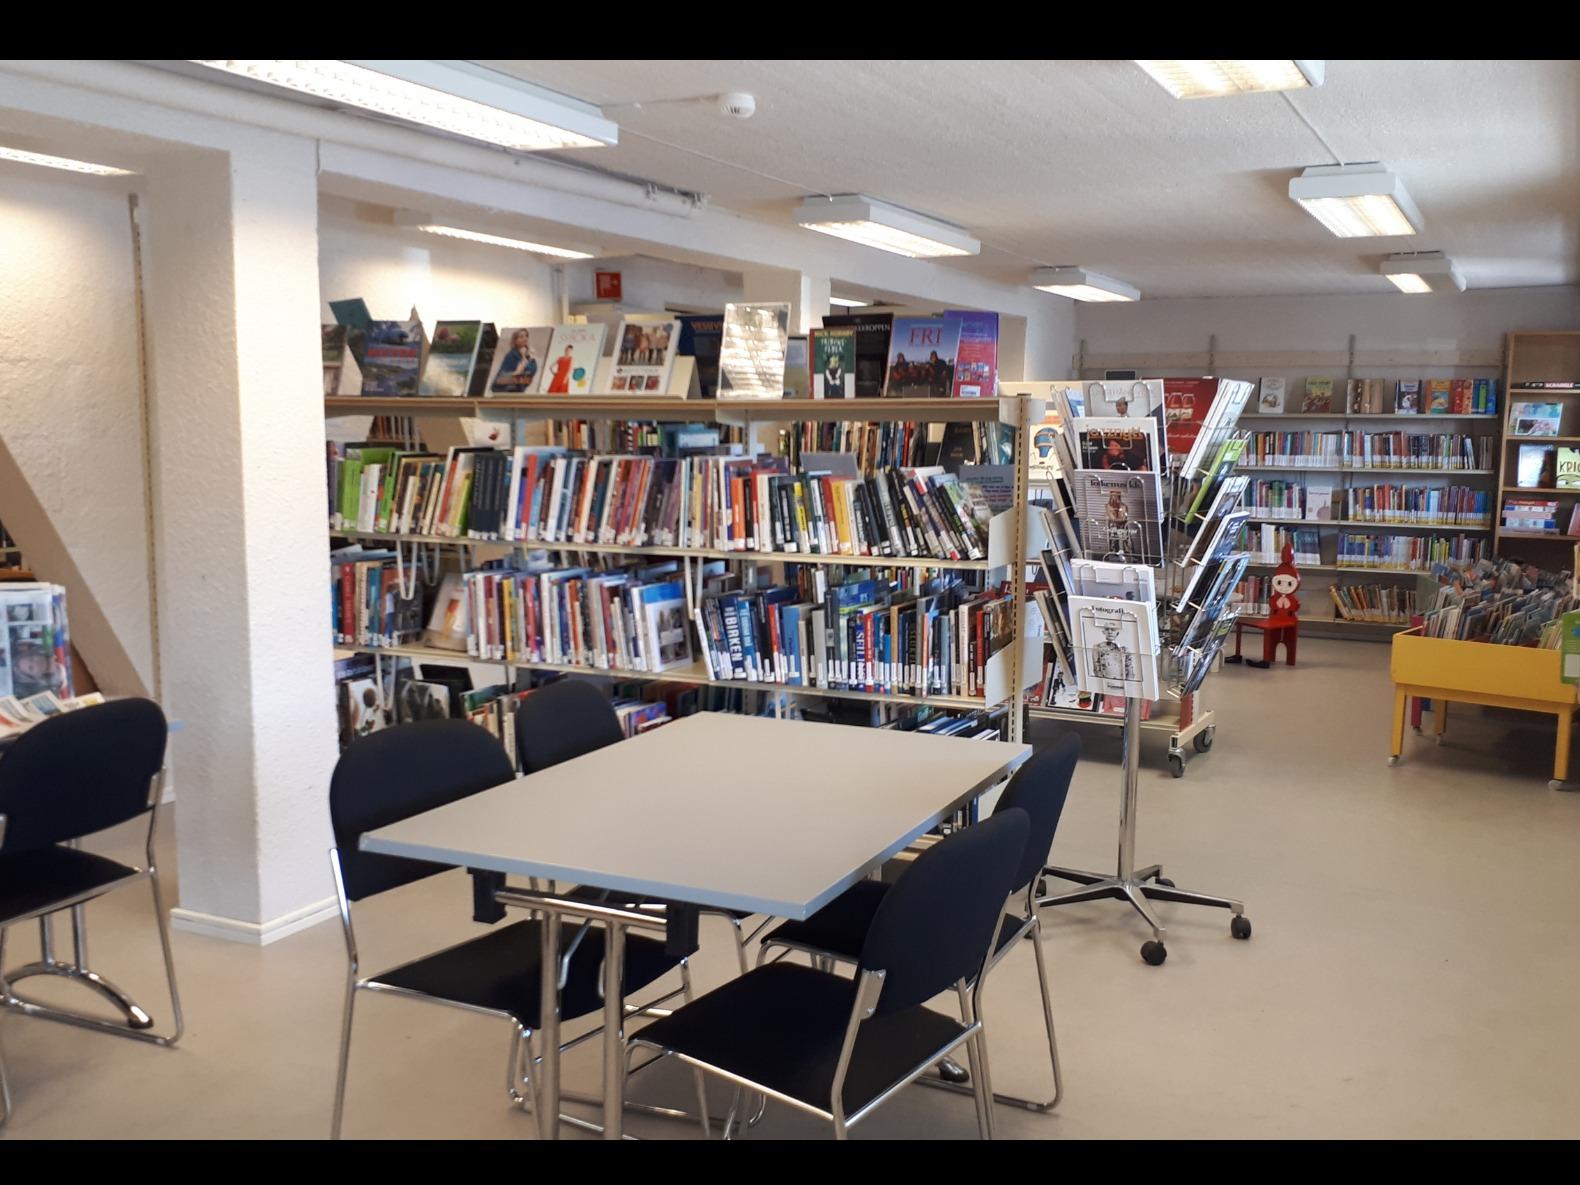 Bibliotek Svelvik